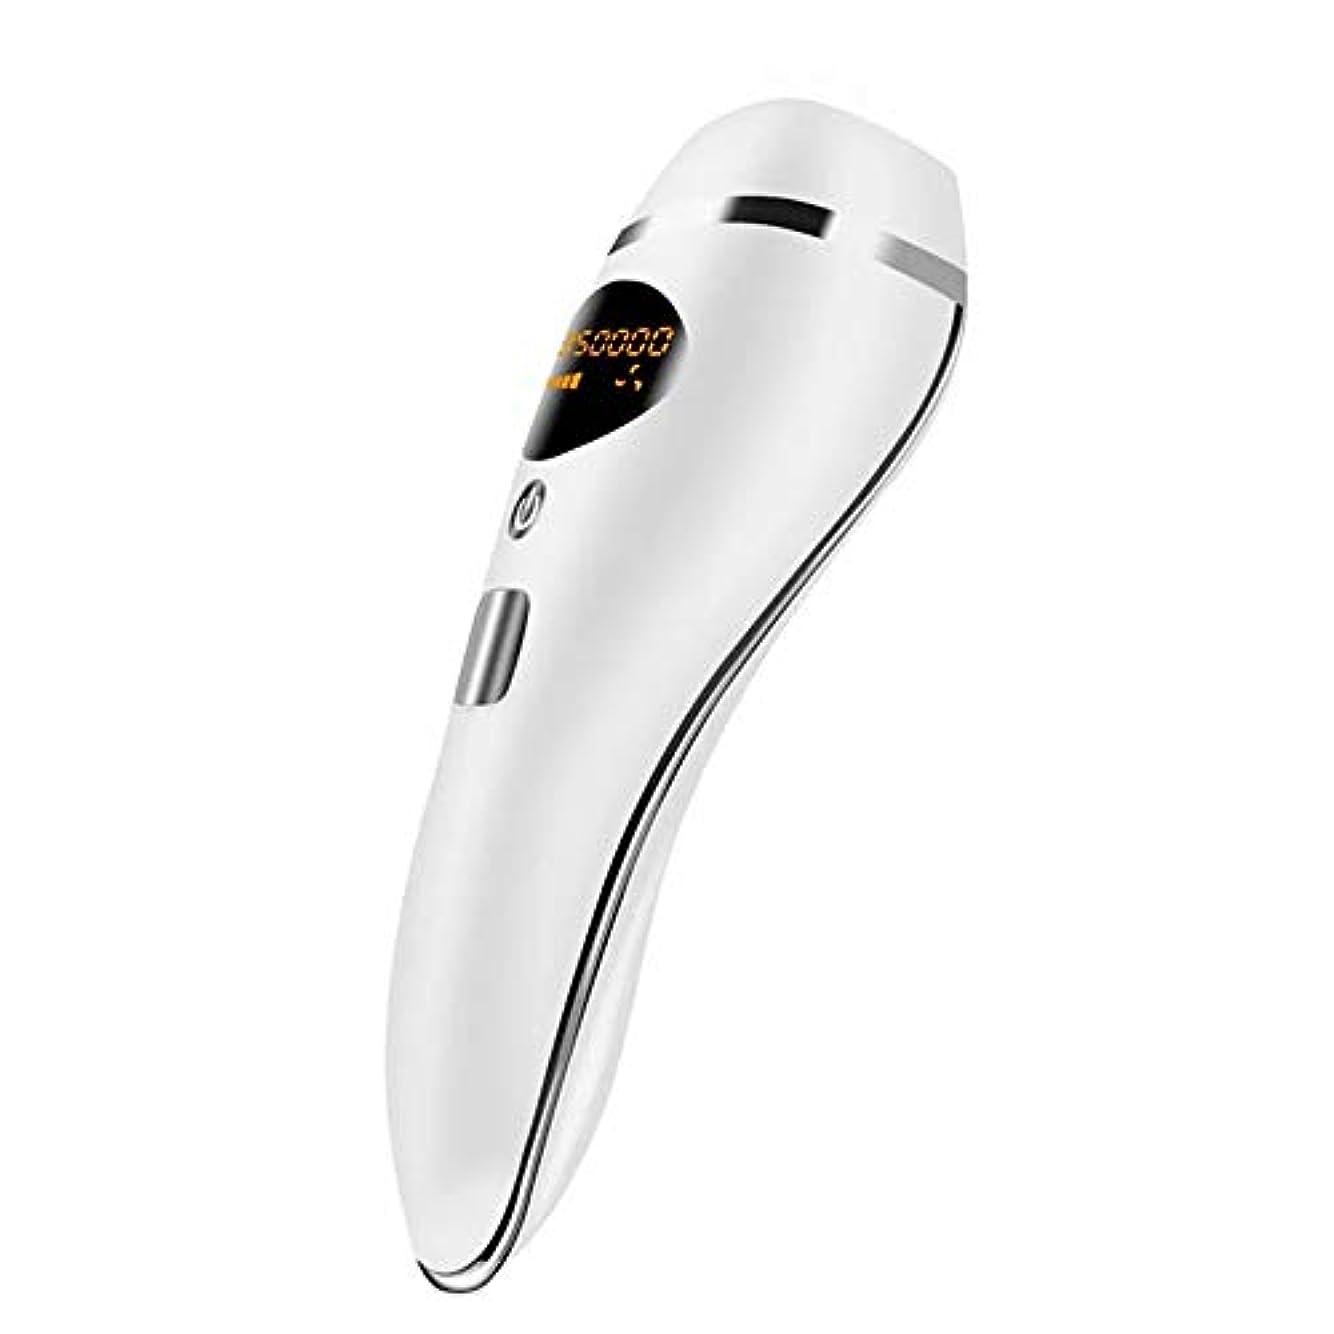 教科書レプリカ音声IPL脱毛システムライト脱毛器、600000回の点滅美容デバイスは、長期的な毛の成長を軽減します-5つの強度レベル,白